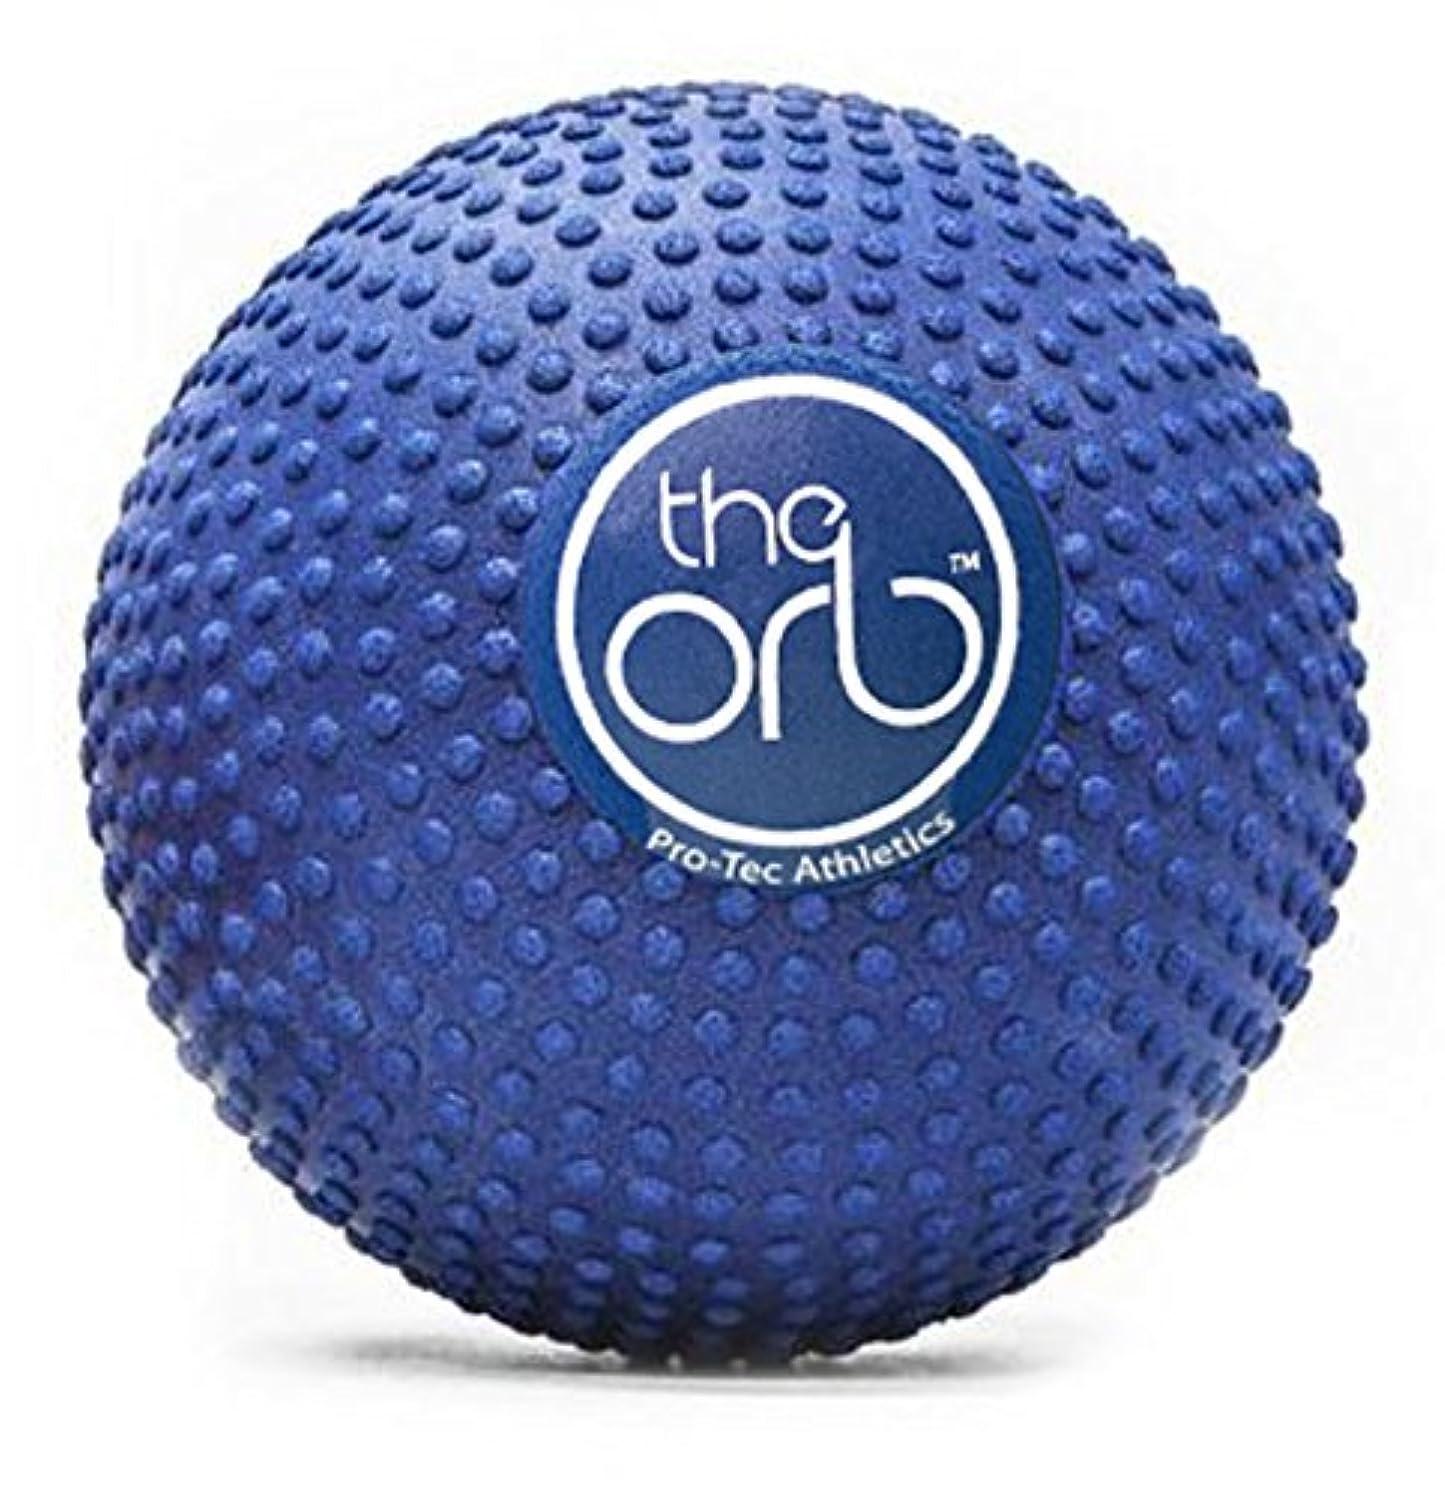 誇張ラブ法廷Pro-Tec Athletics(プロテックアスレチックス) The Orb 5